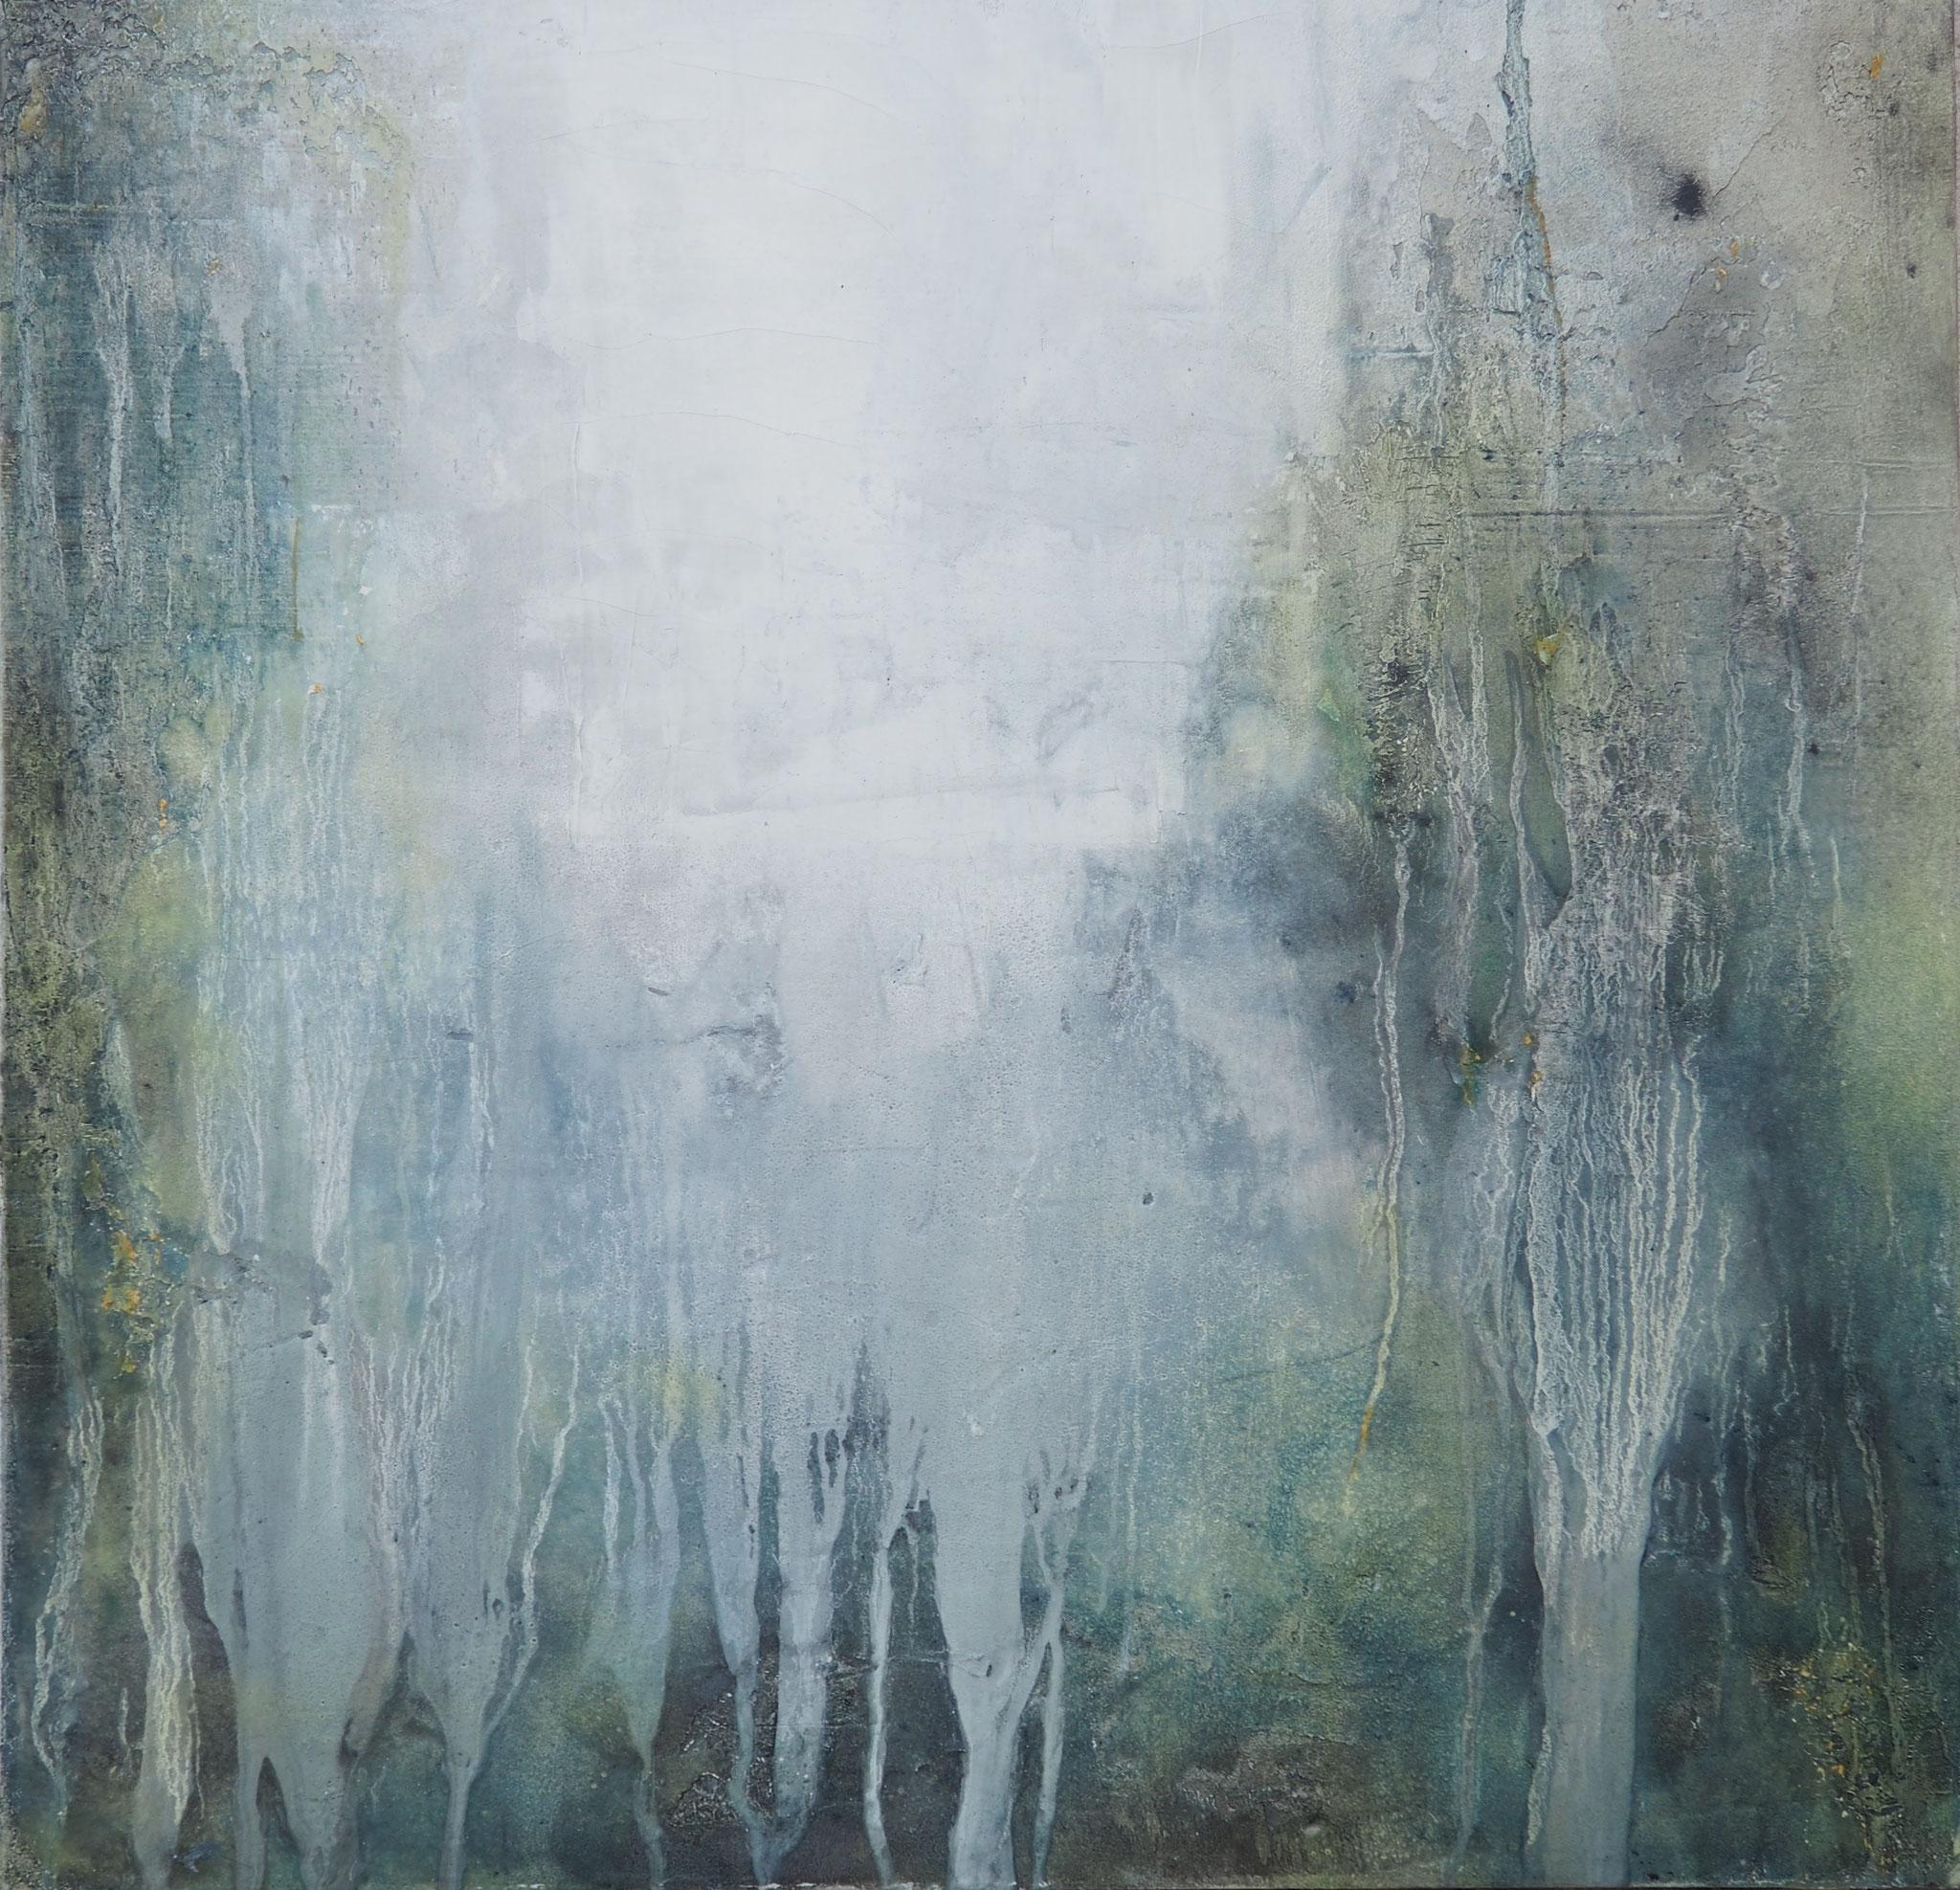 Regenwald - 100 x 100 cm, Sumpfkalk-Mamormehl-Struktur auf Leinwand